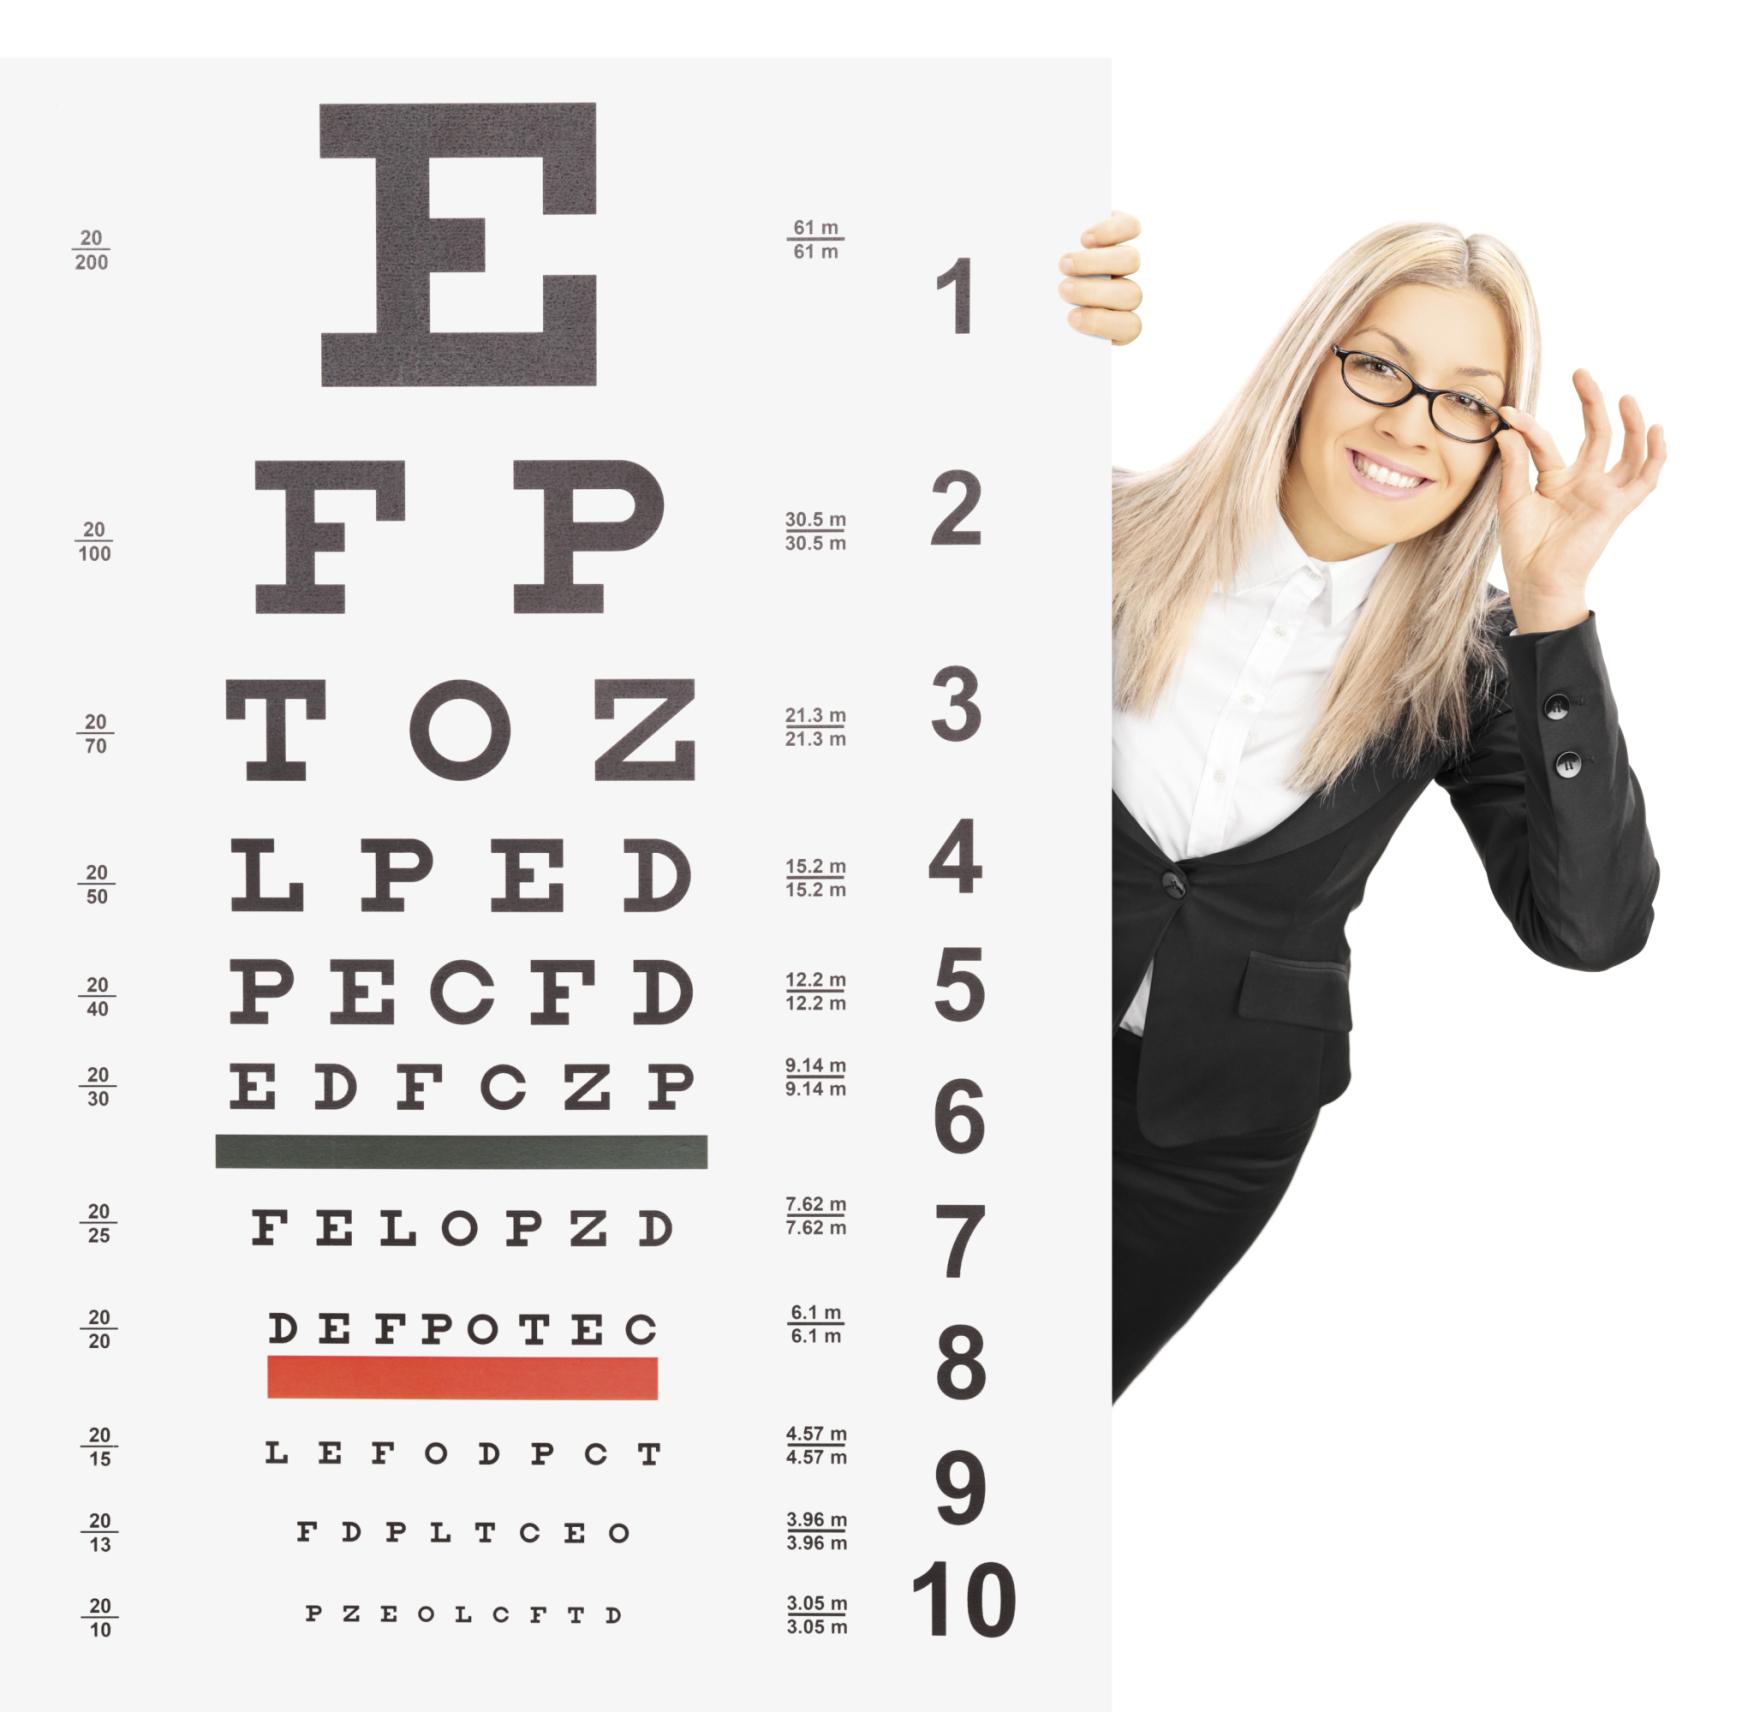 20 százalékos látás mit jelent